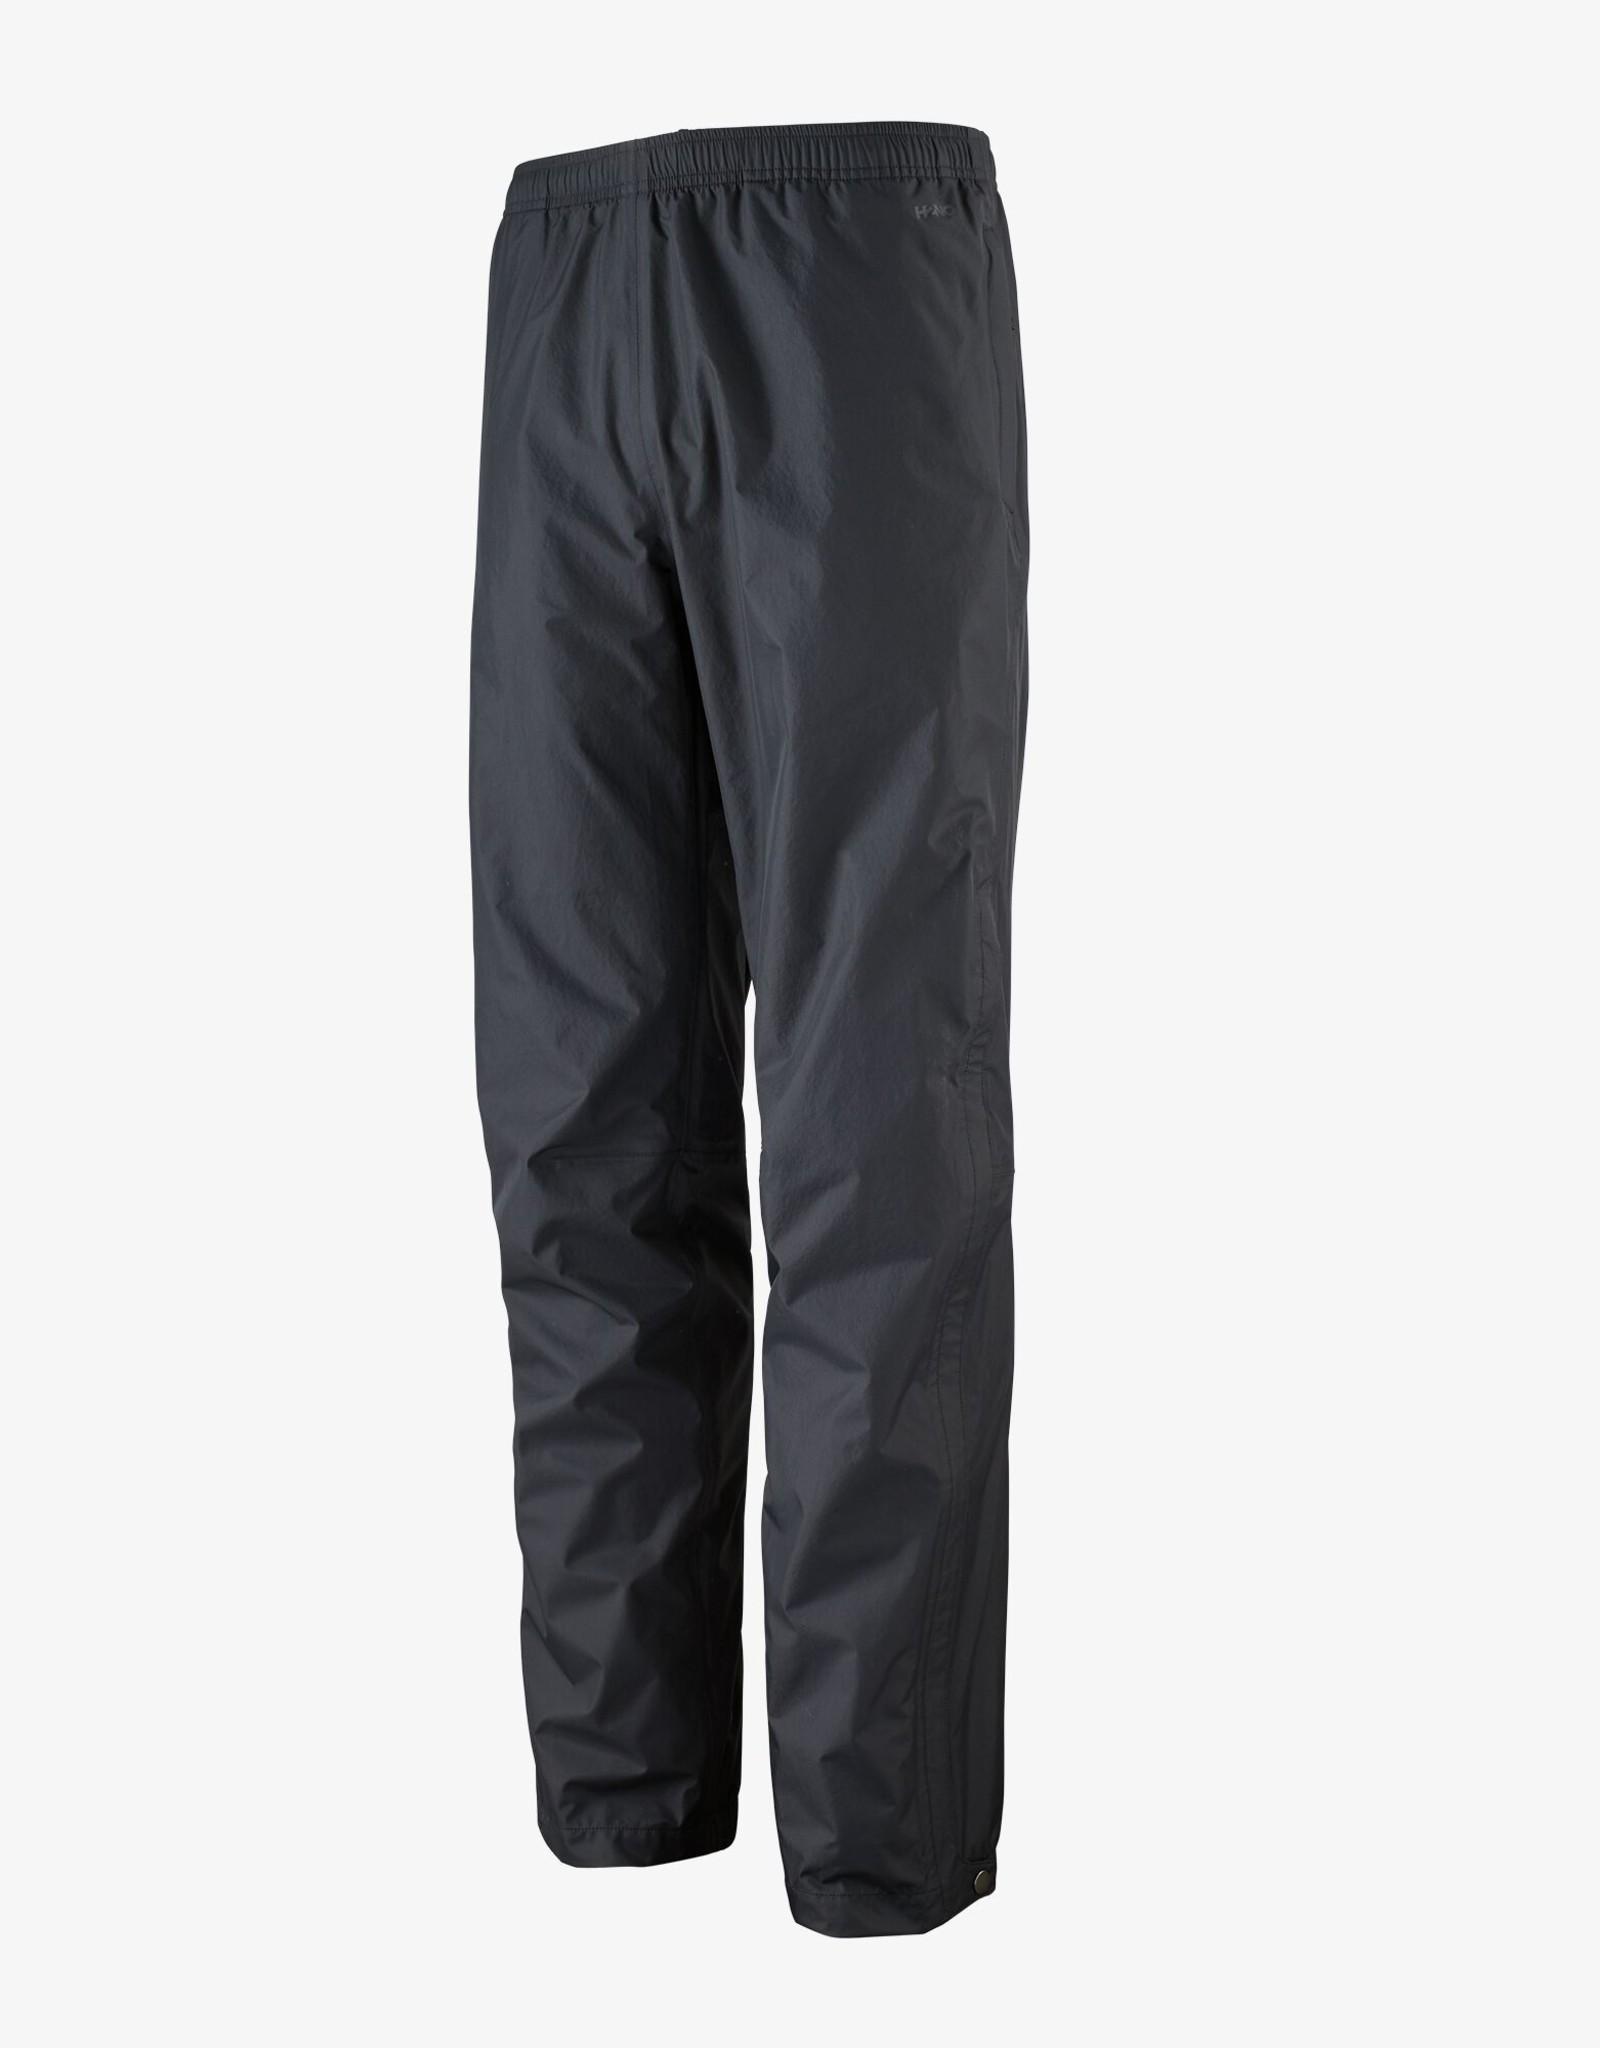 Patagonia Patagonia M's Torrentshell Pants Short